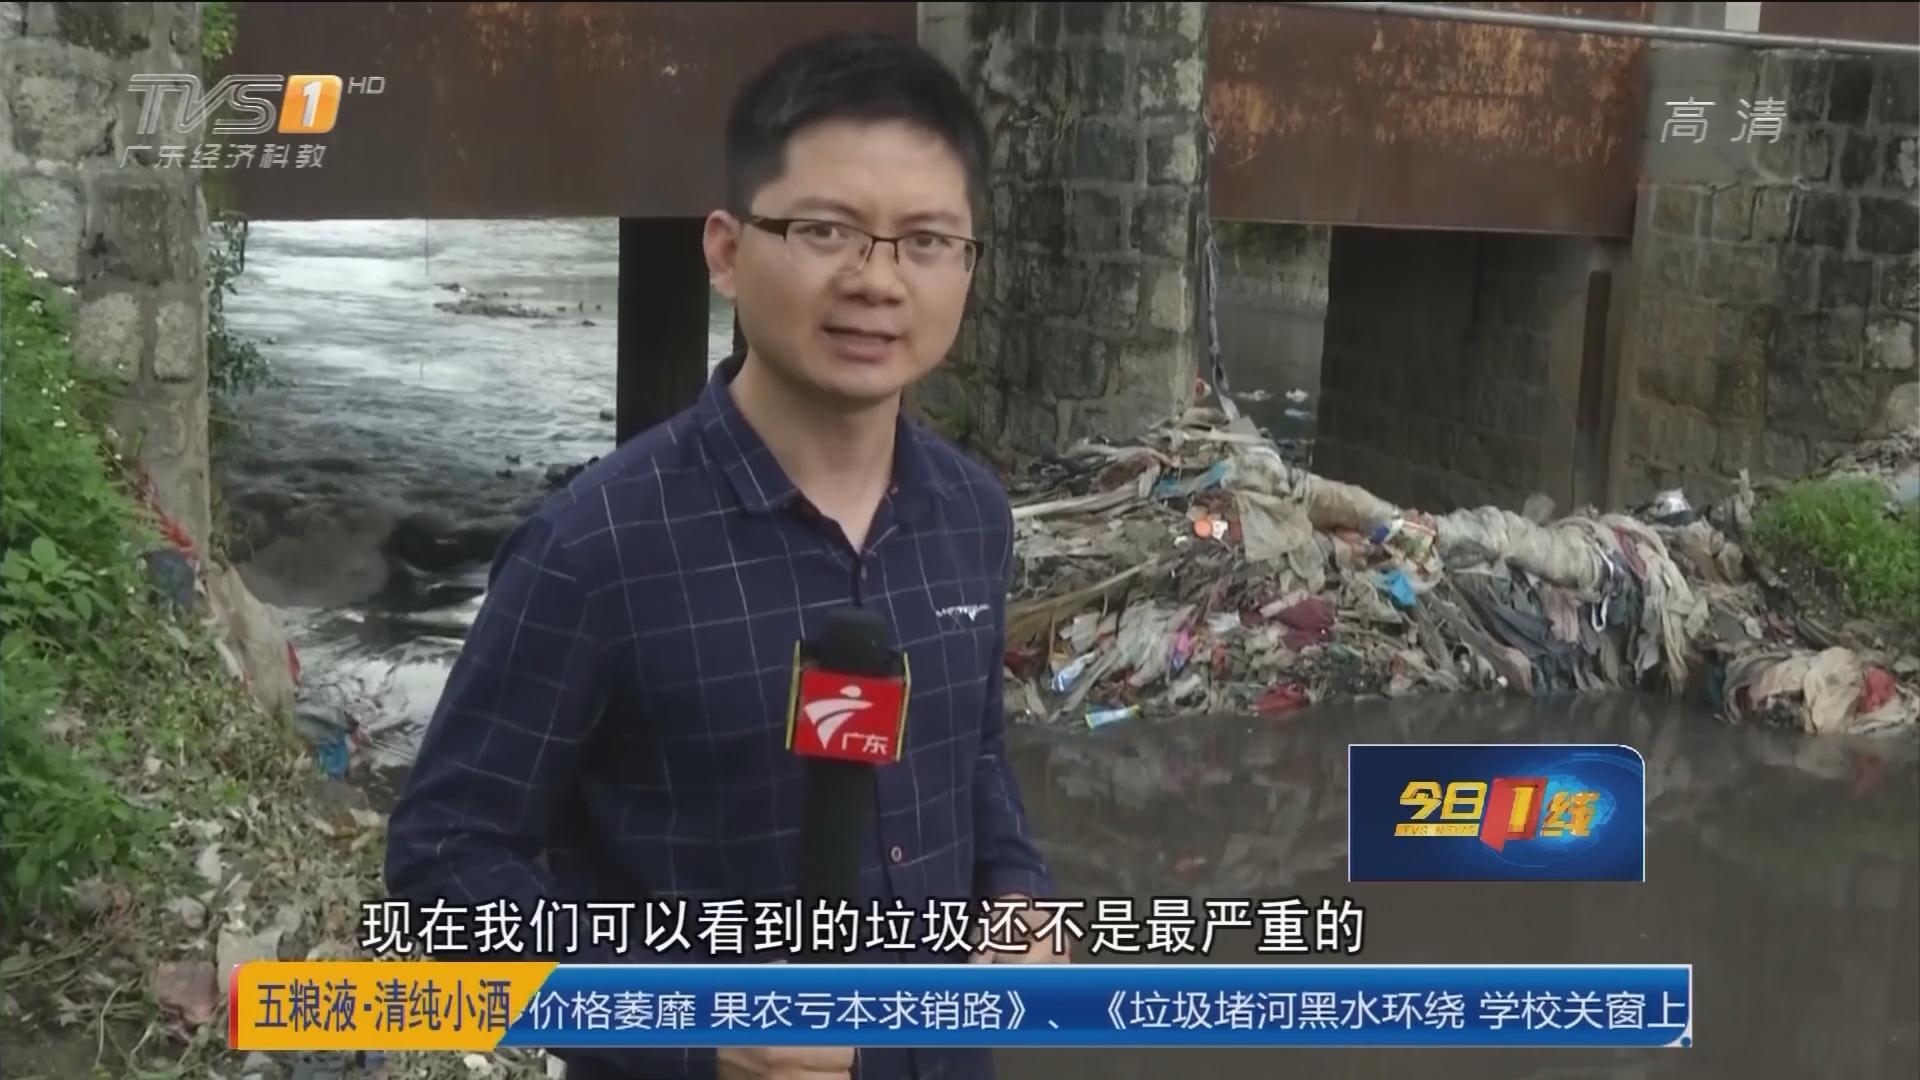 揭阳普宁:垃圾堵河黑水环绕 学校关窗上课